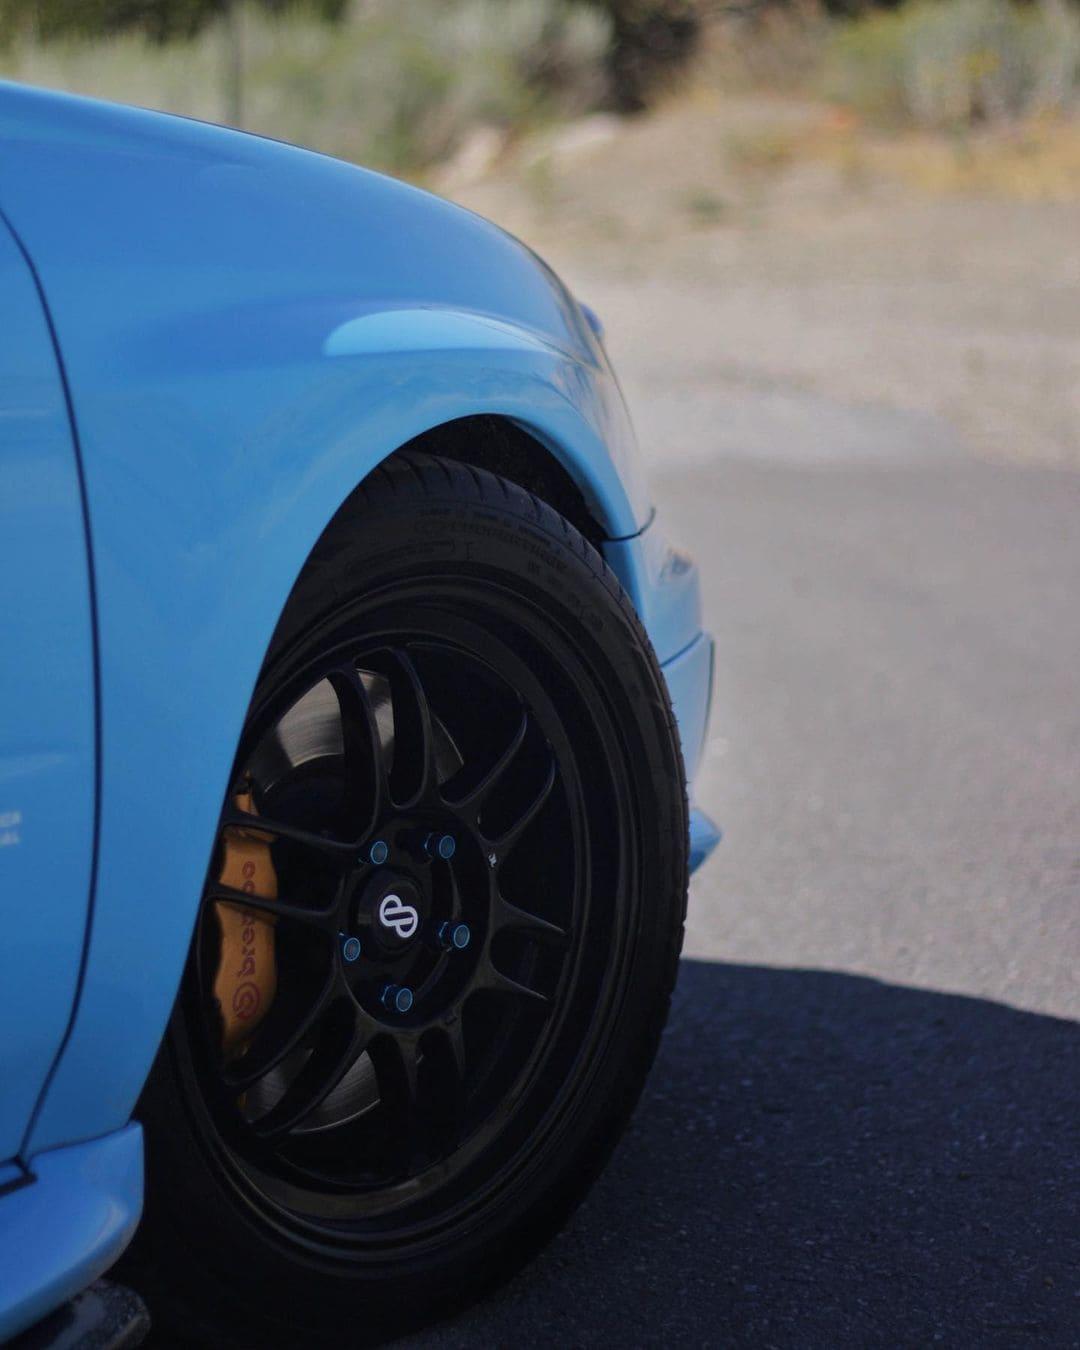 Subaru STI With Rims